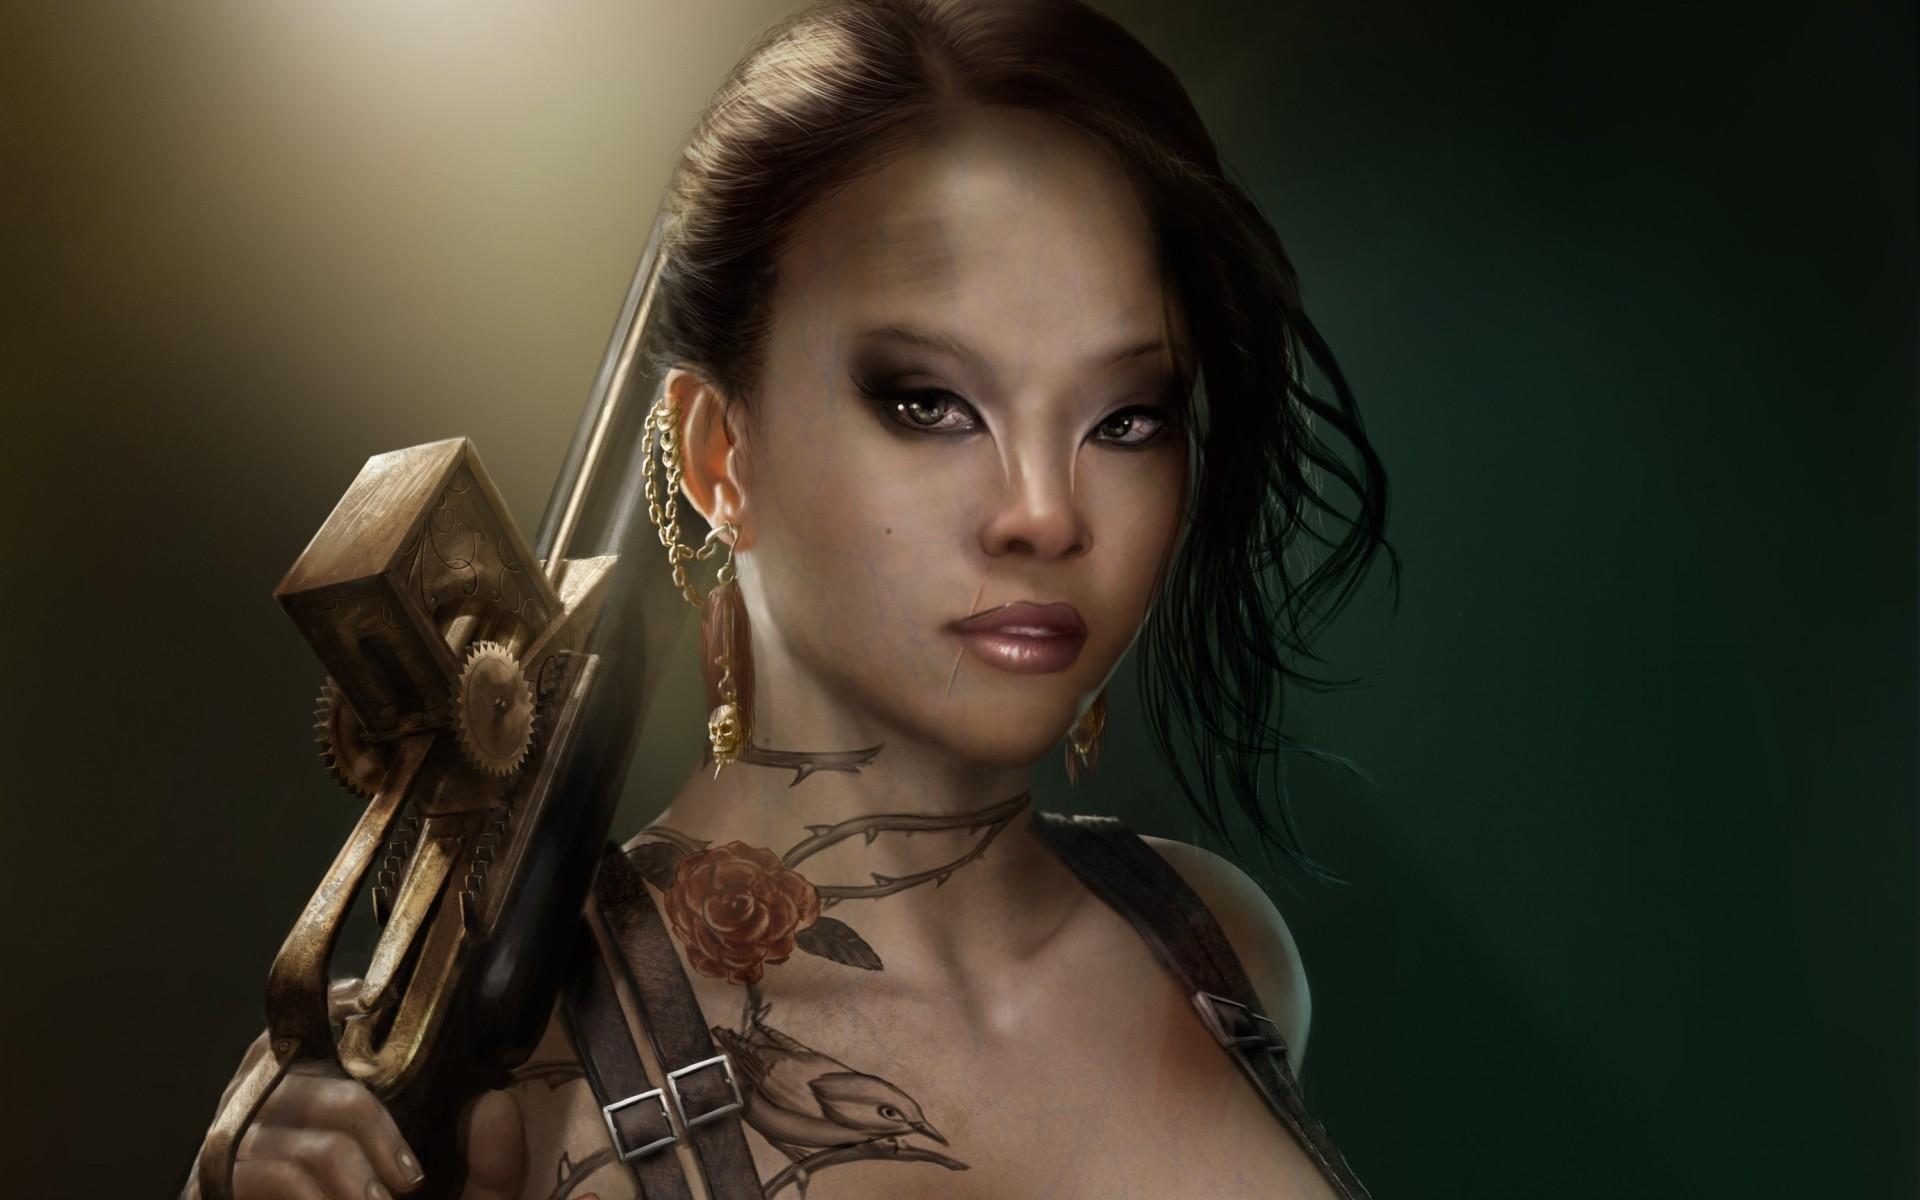 Fantasy Art Female Gunslinger